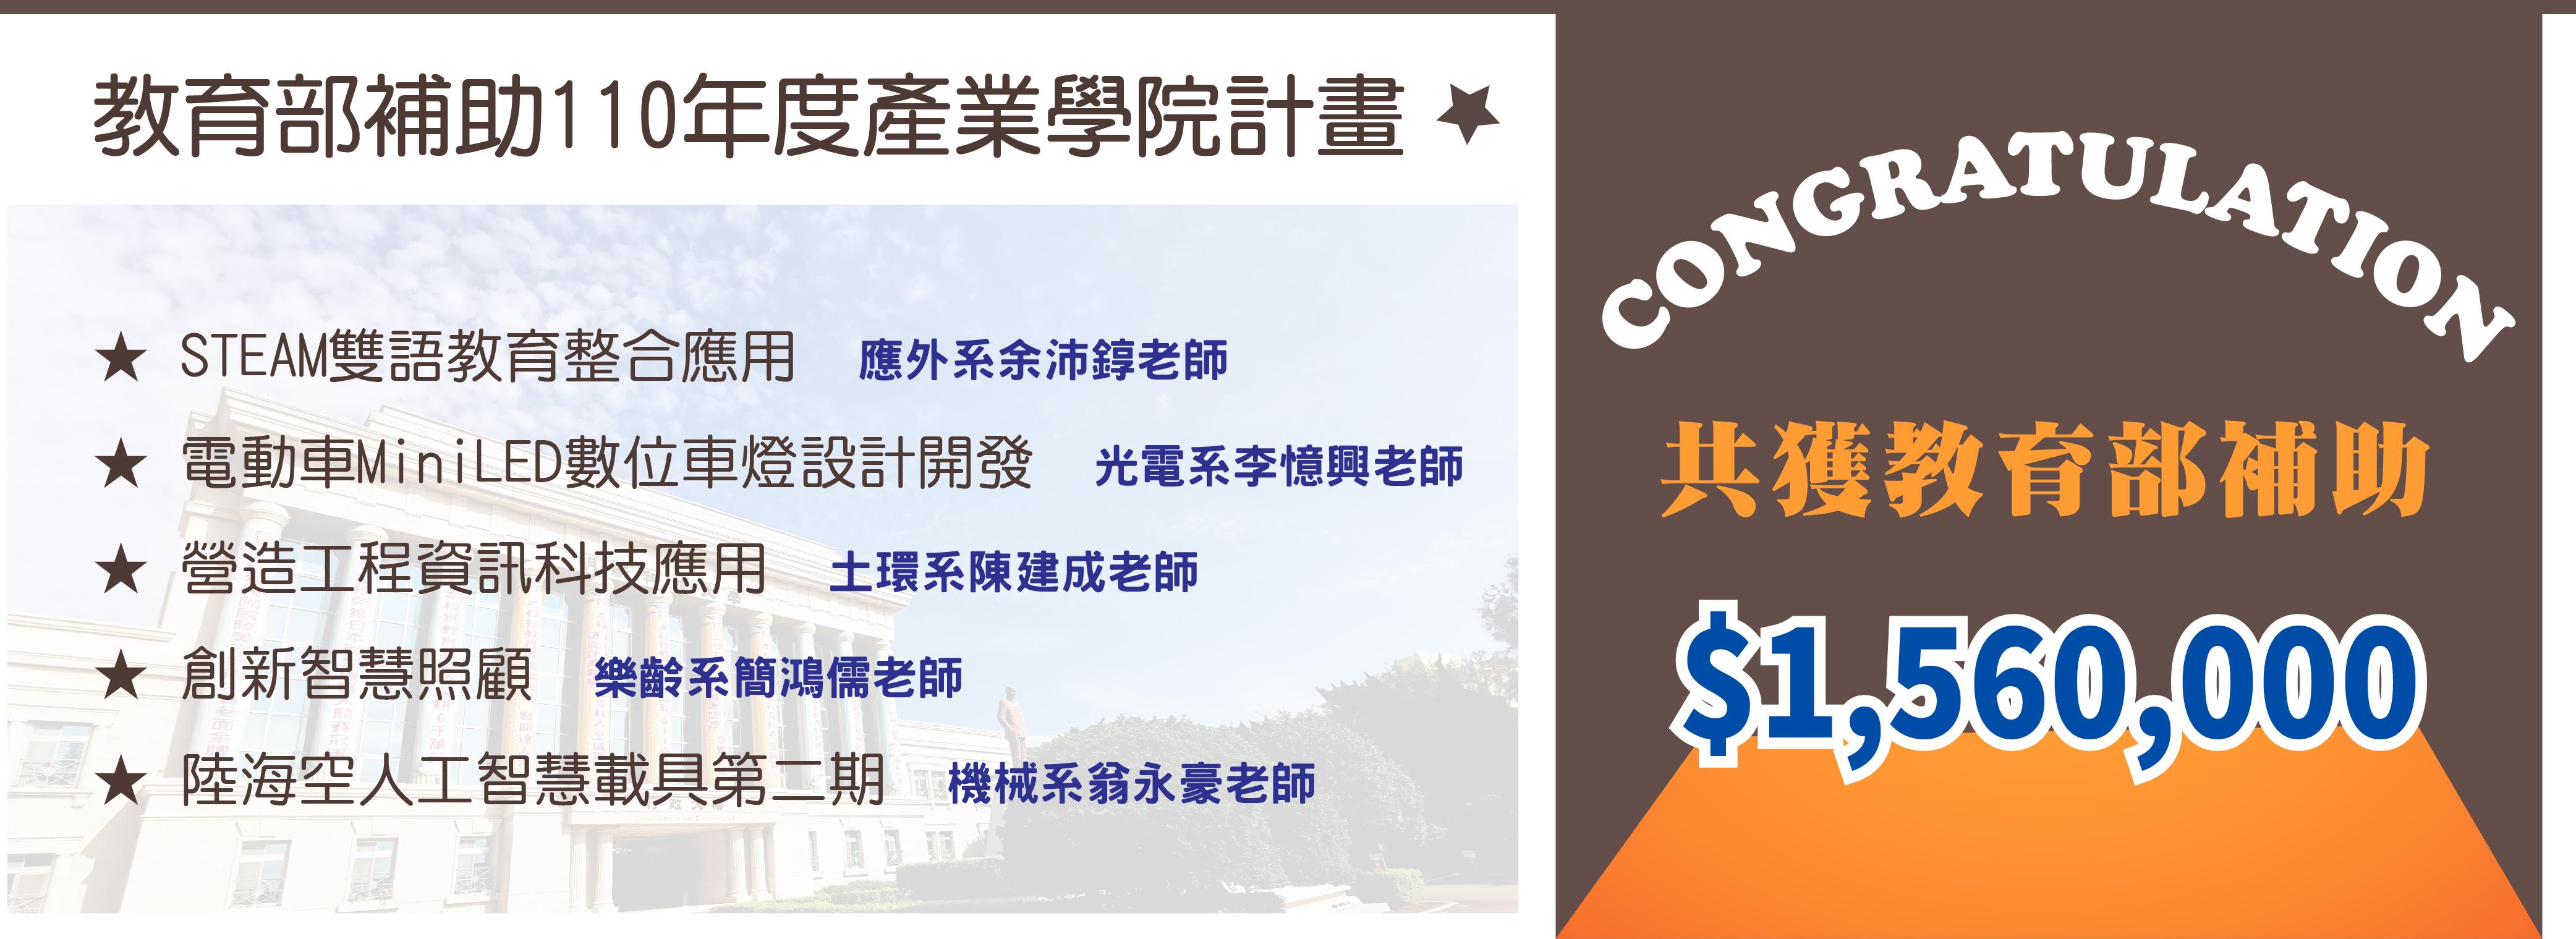 20210813 校首頁 教發中心 110年度產業學院計畫本校獲156萬元補助